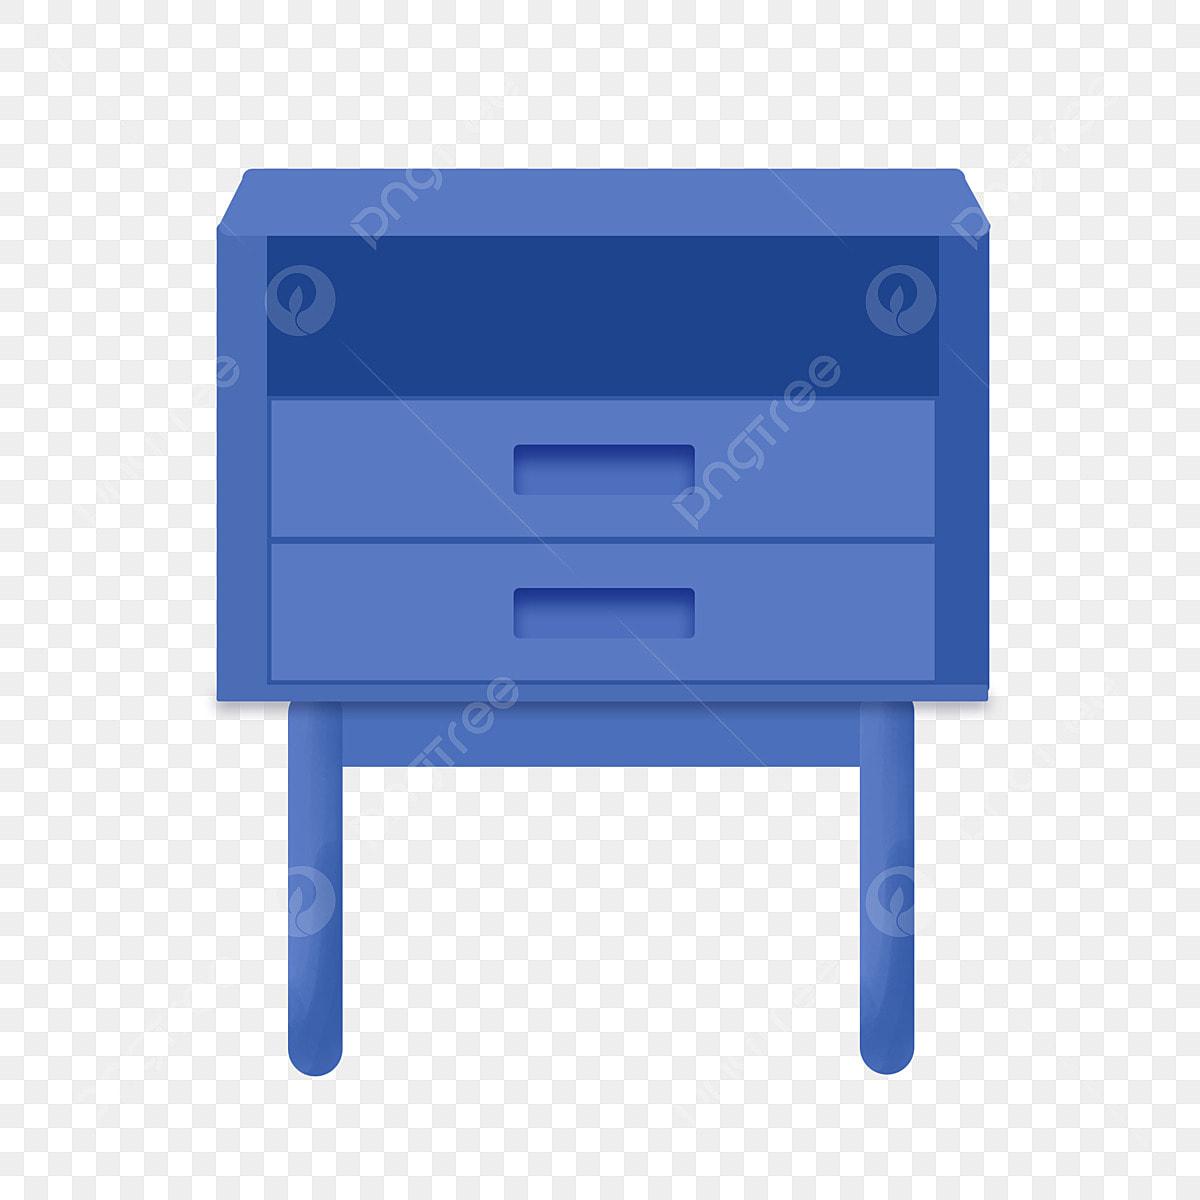 Blue Bedside Table Furniture Furniture Blue Blue Illustration Bedside Table Imagem Png E Psd Para Download Gratuito